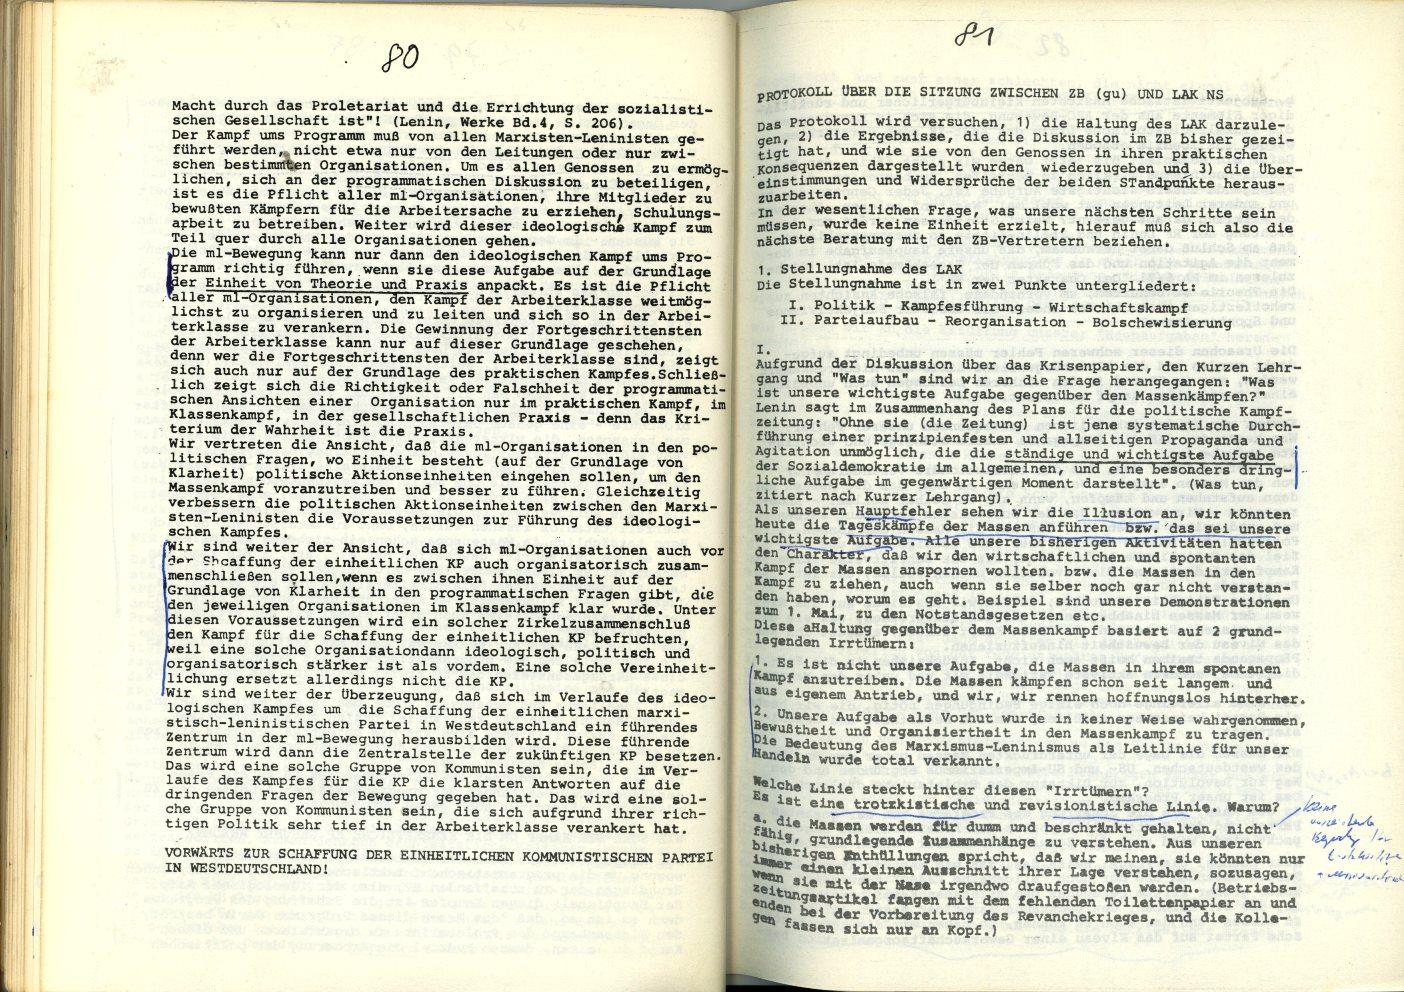 ZB_1972_Diskussionsorgan_zur_ersten_Parteikonferenz_44